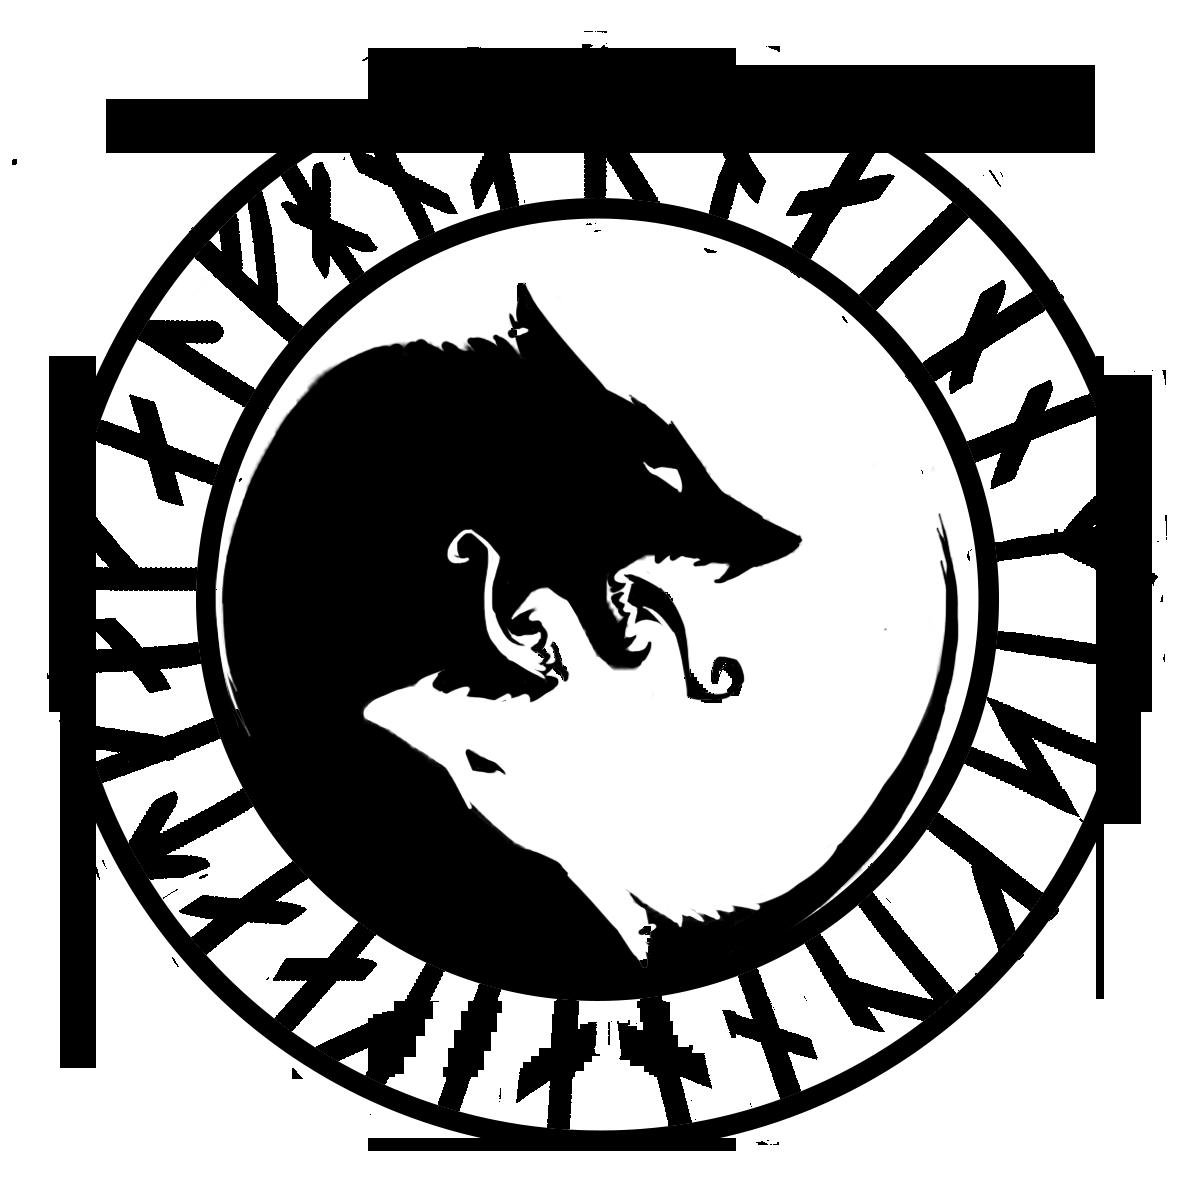 futhark rune sigils sigil. It reminds me of the famous